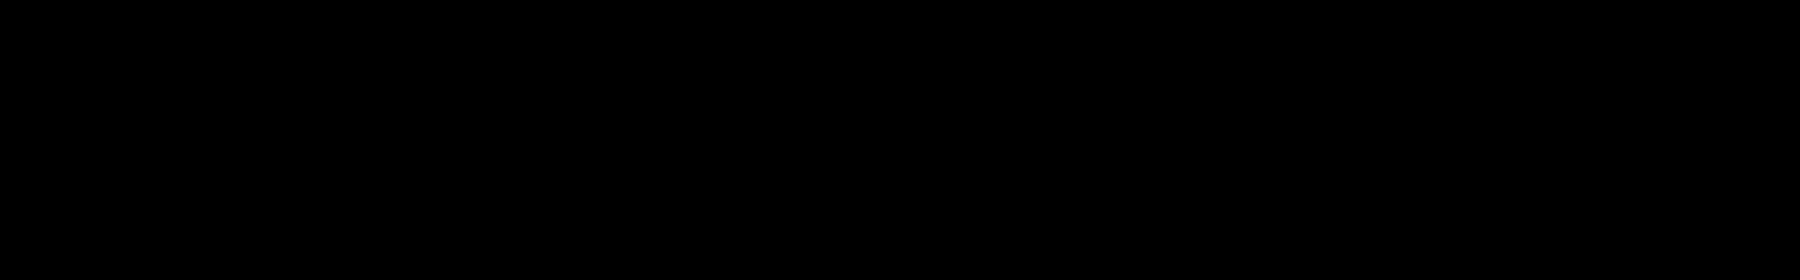 Neon Heat audio waveform